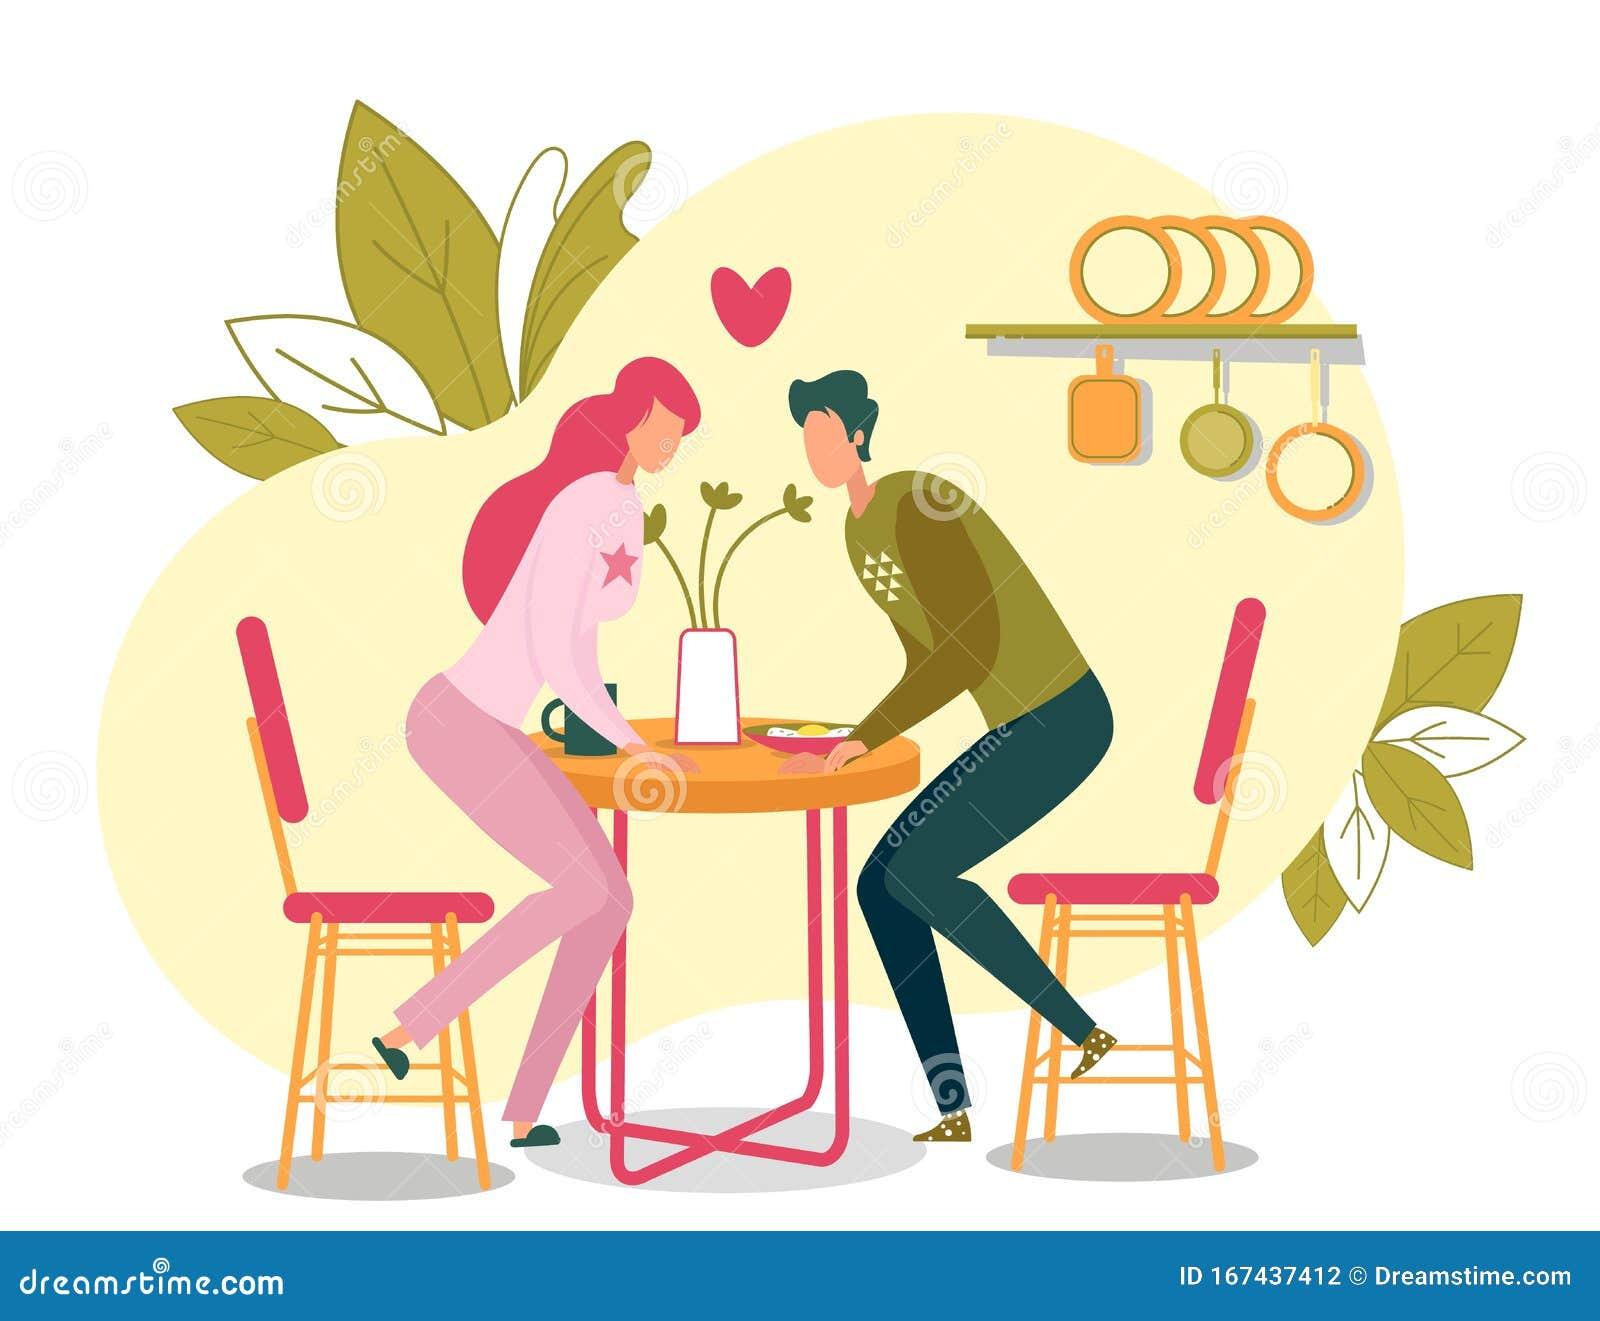 construiți- vă propria aplicație de dating datând un om puternic voit